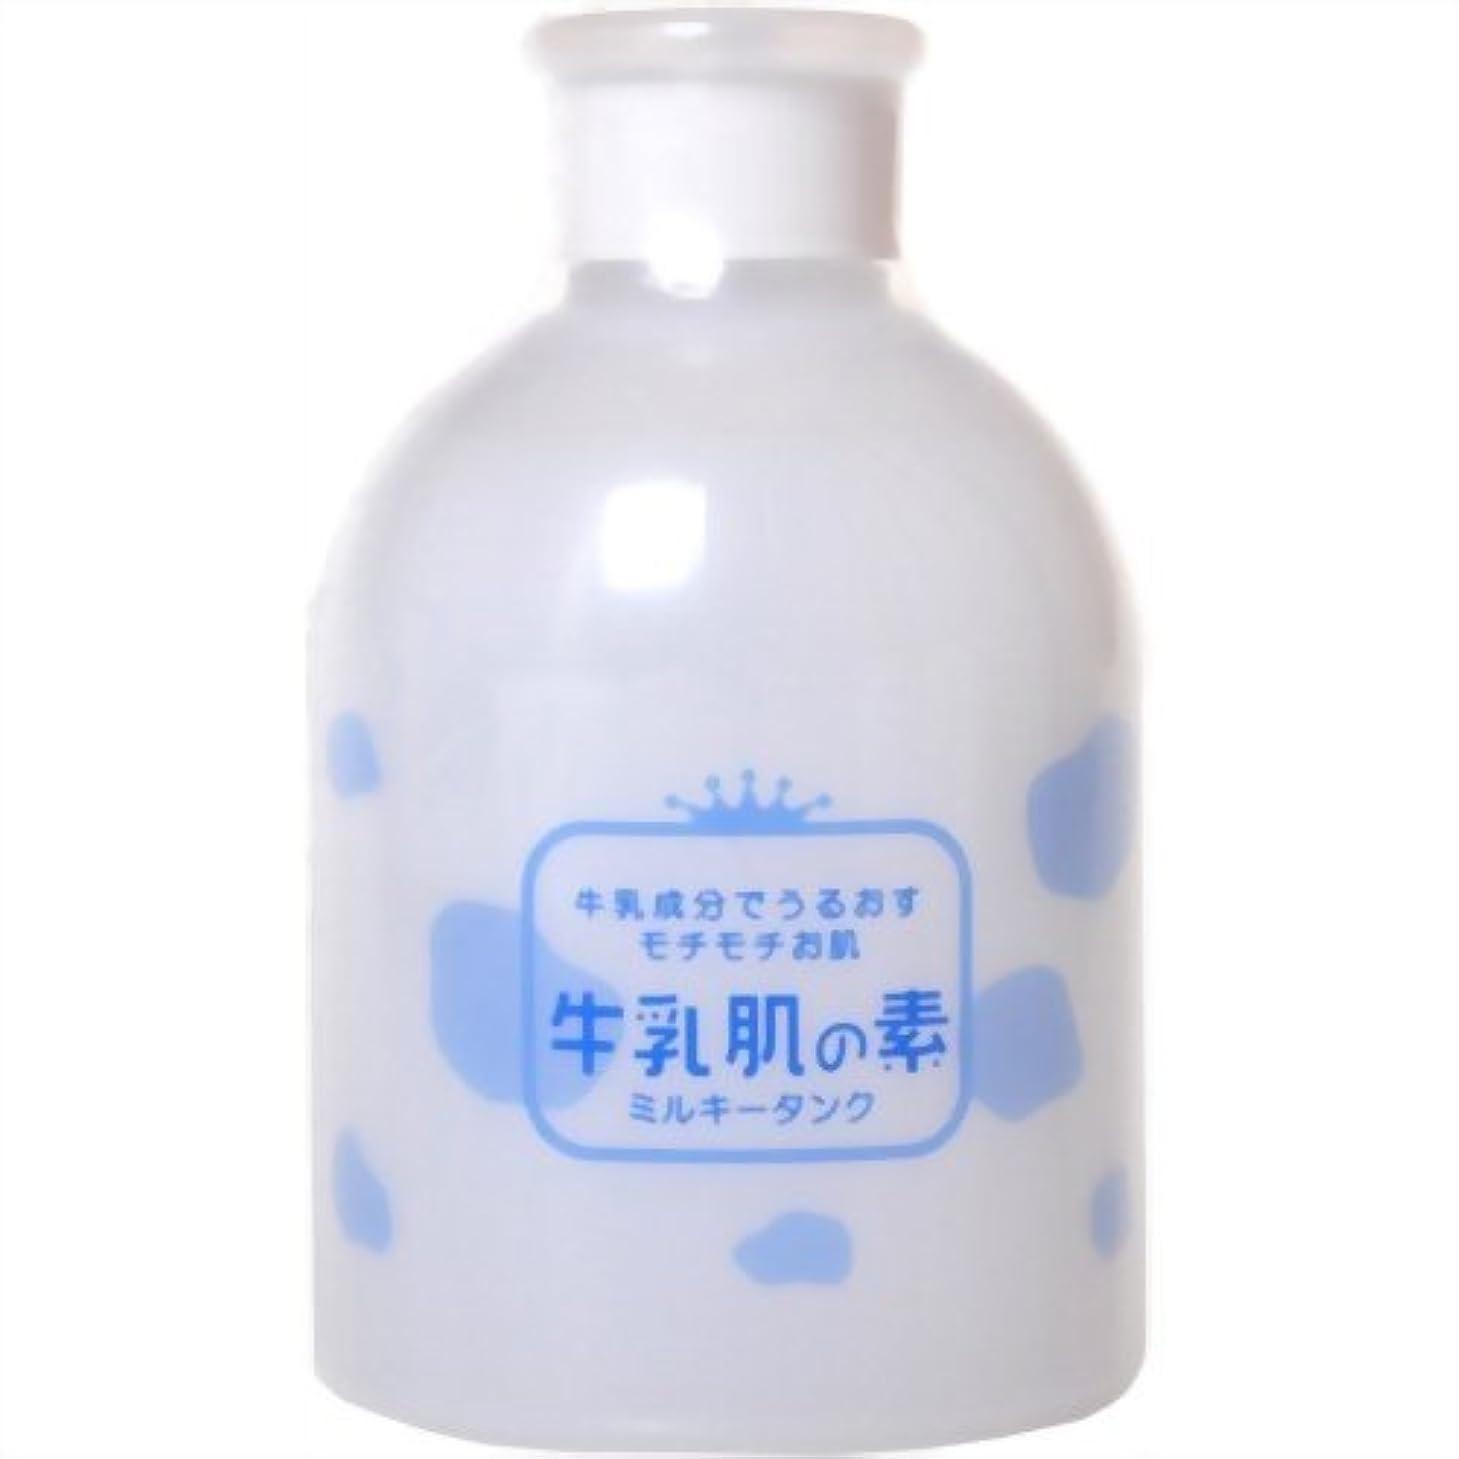 通行人遺伝的収入牛乳肌の素 ミルキータンク(化粧水) 300ml